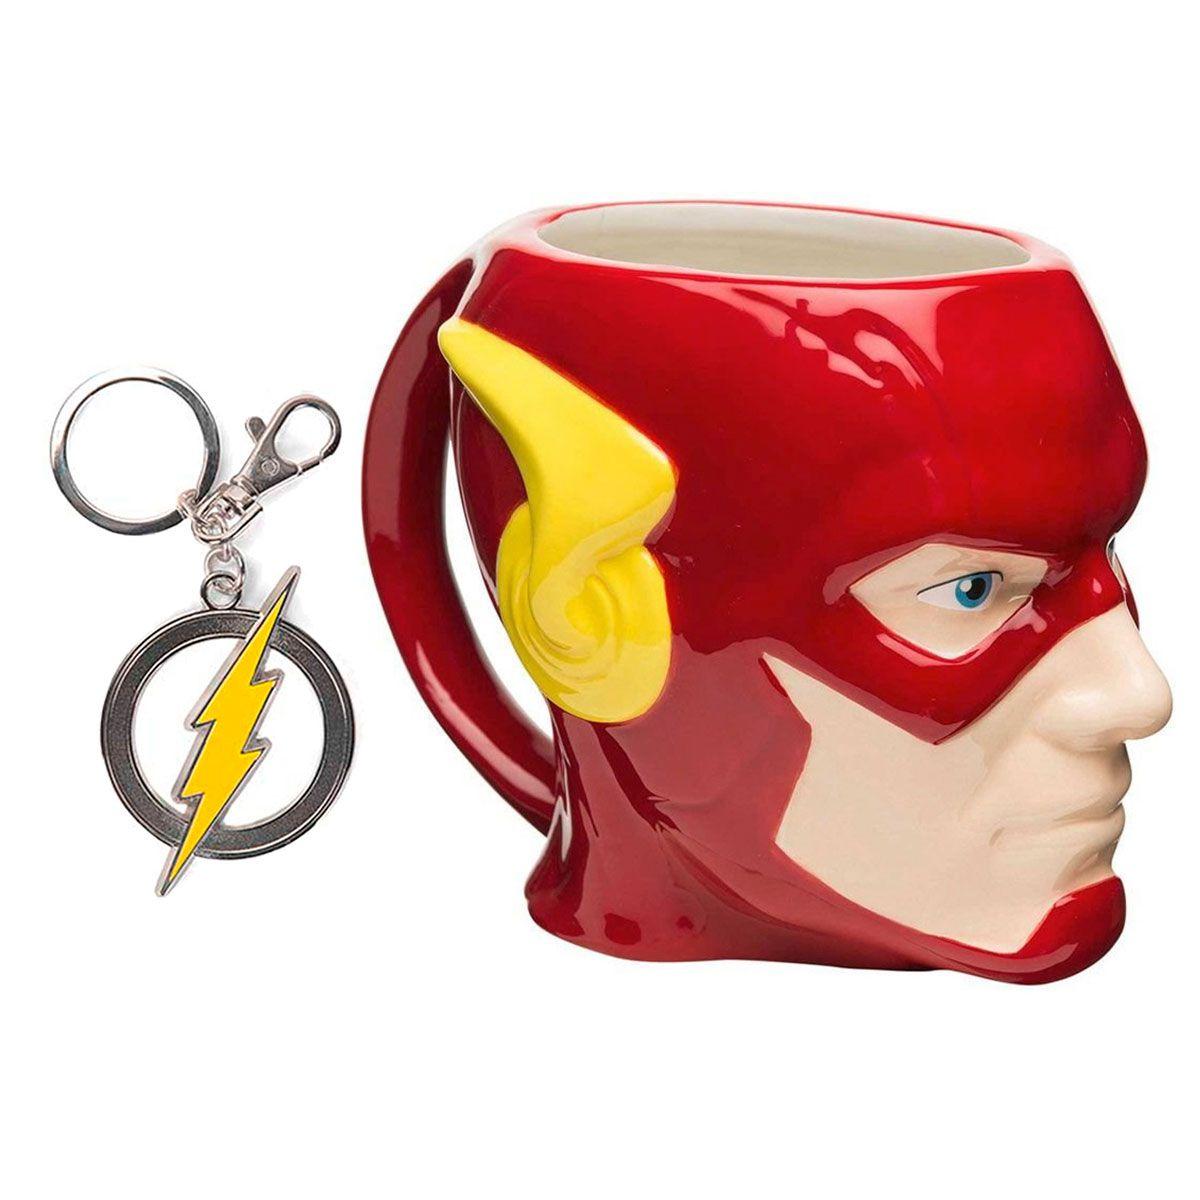 Kit Caneca Porcelana 3D  e Chaveiro Flash Dc Comics